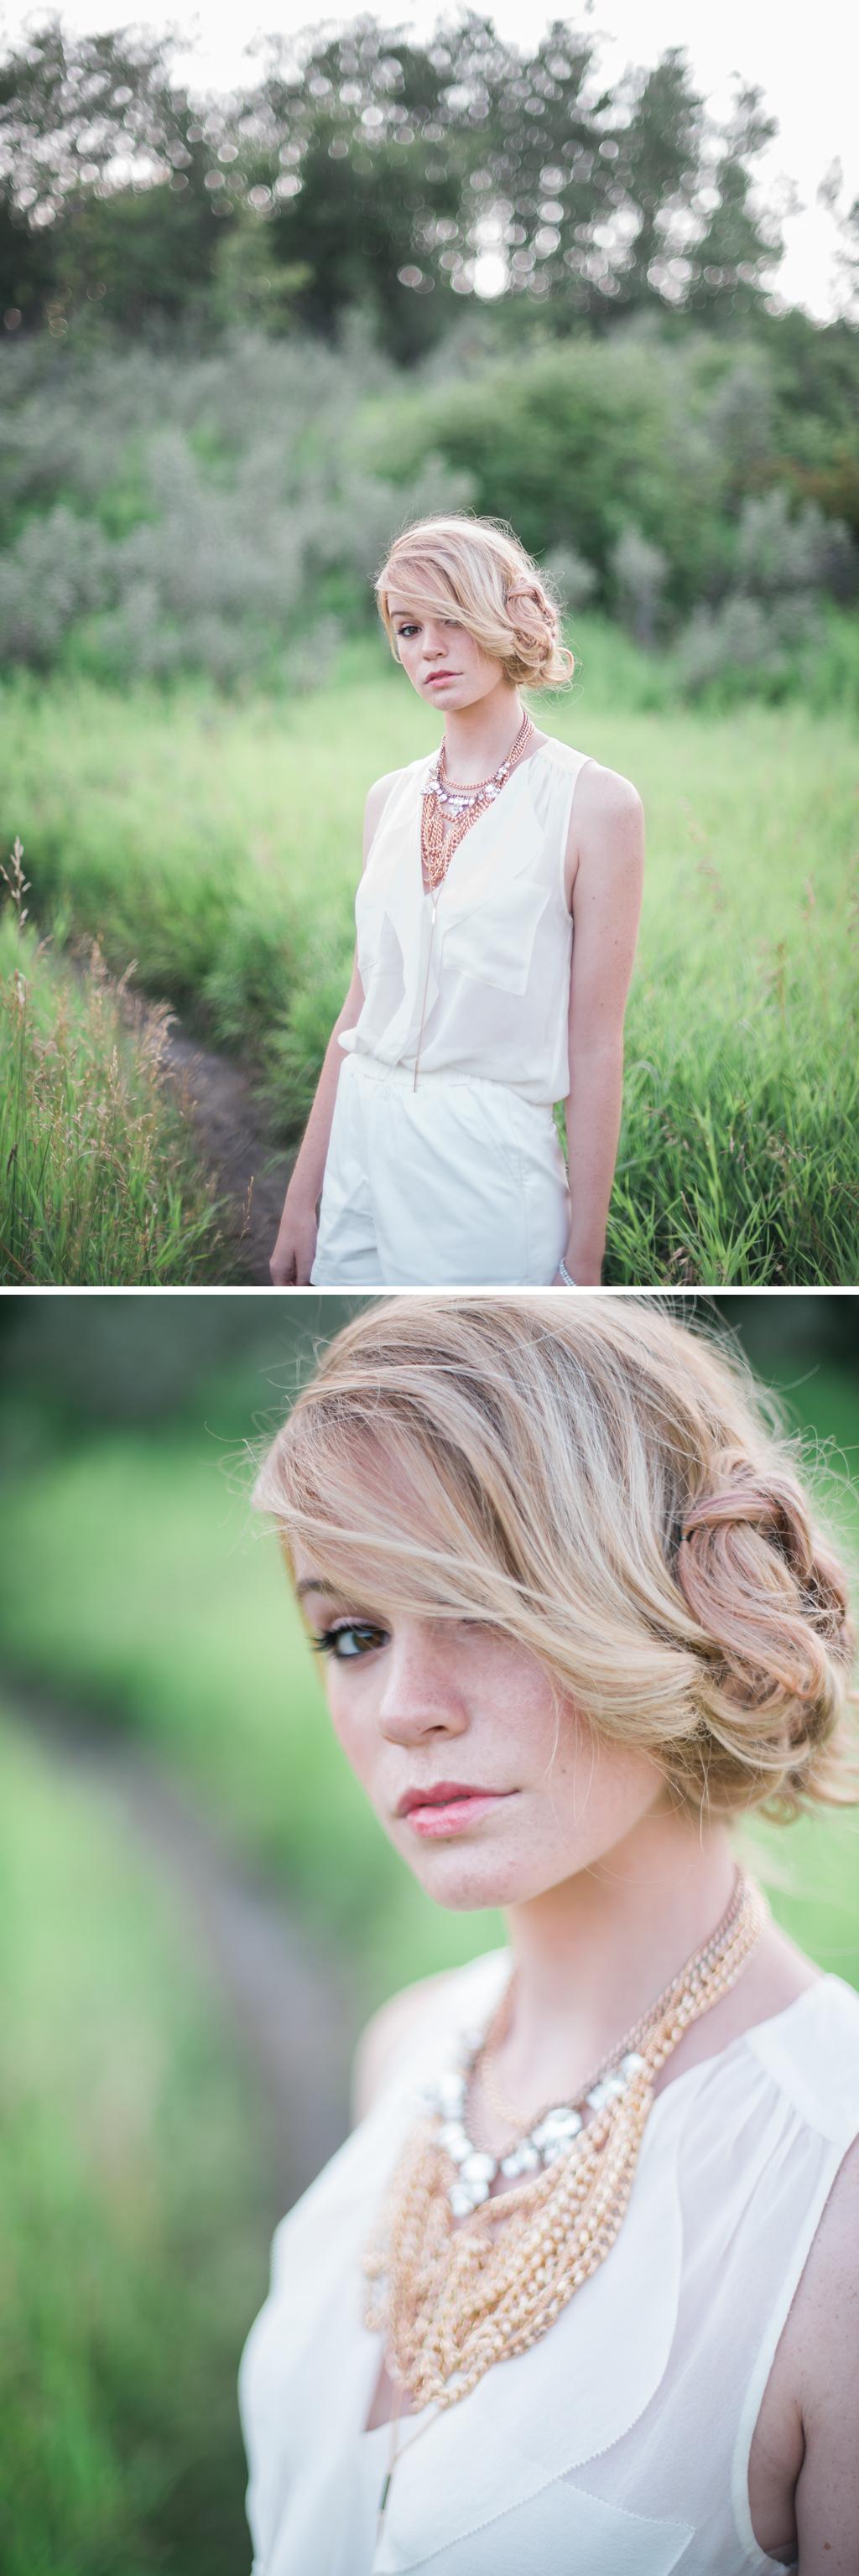 Calgary Wedding Photographer 2